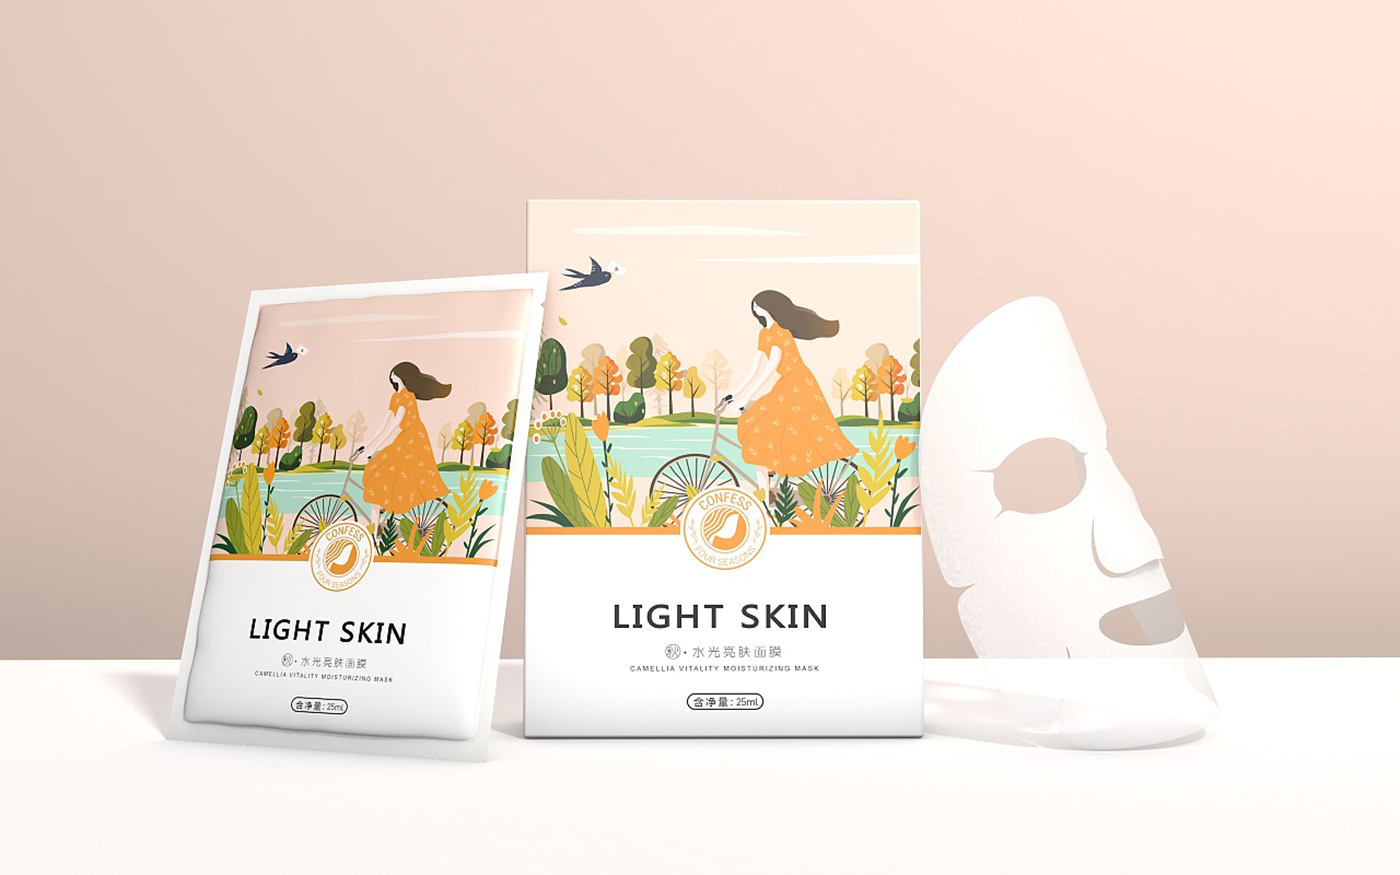 四季化妆品包装设计-套装化妆品包装设计